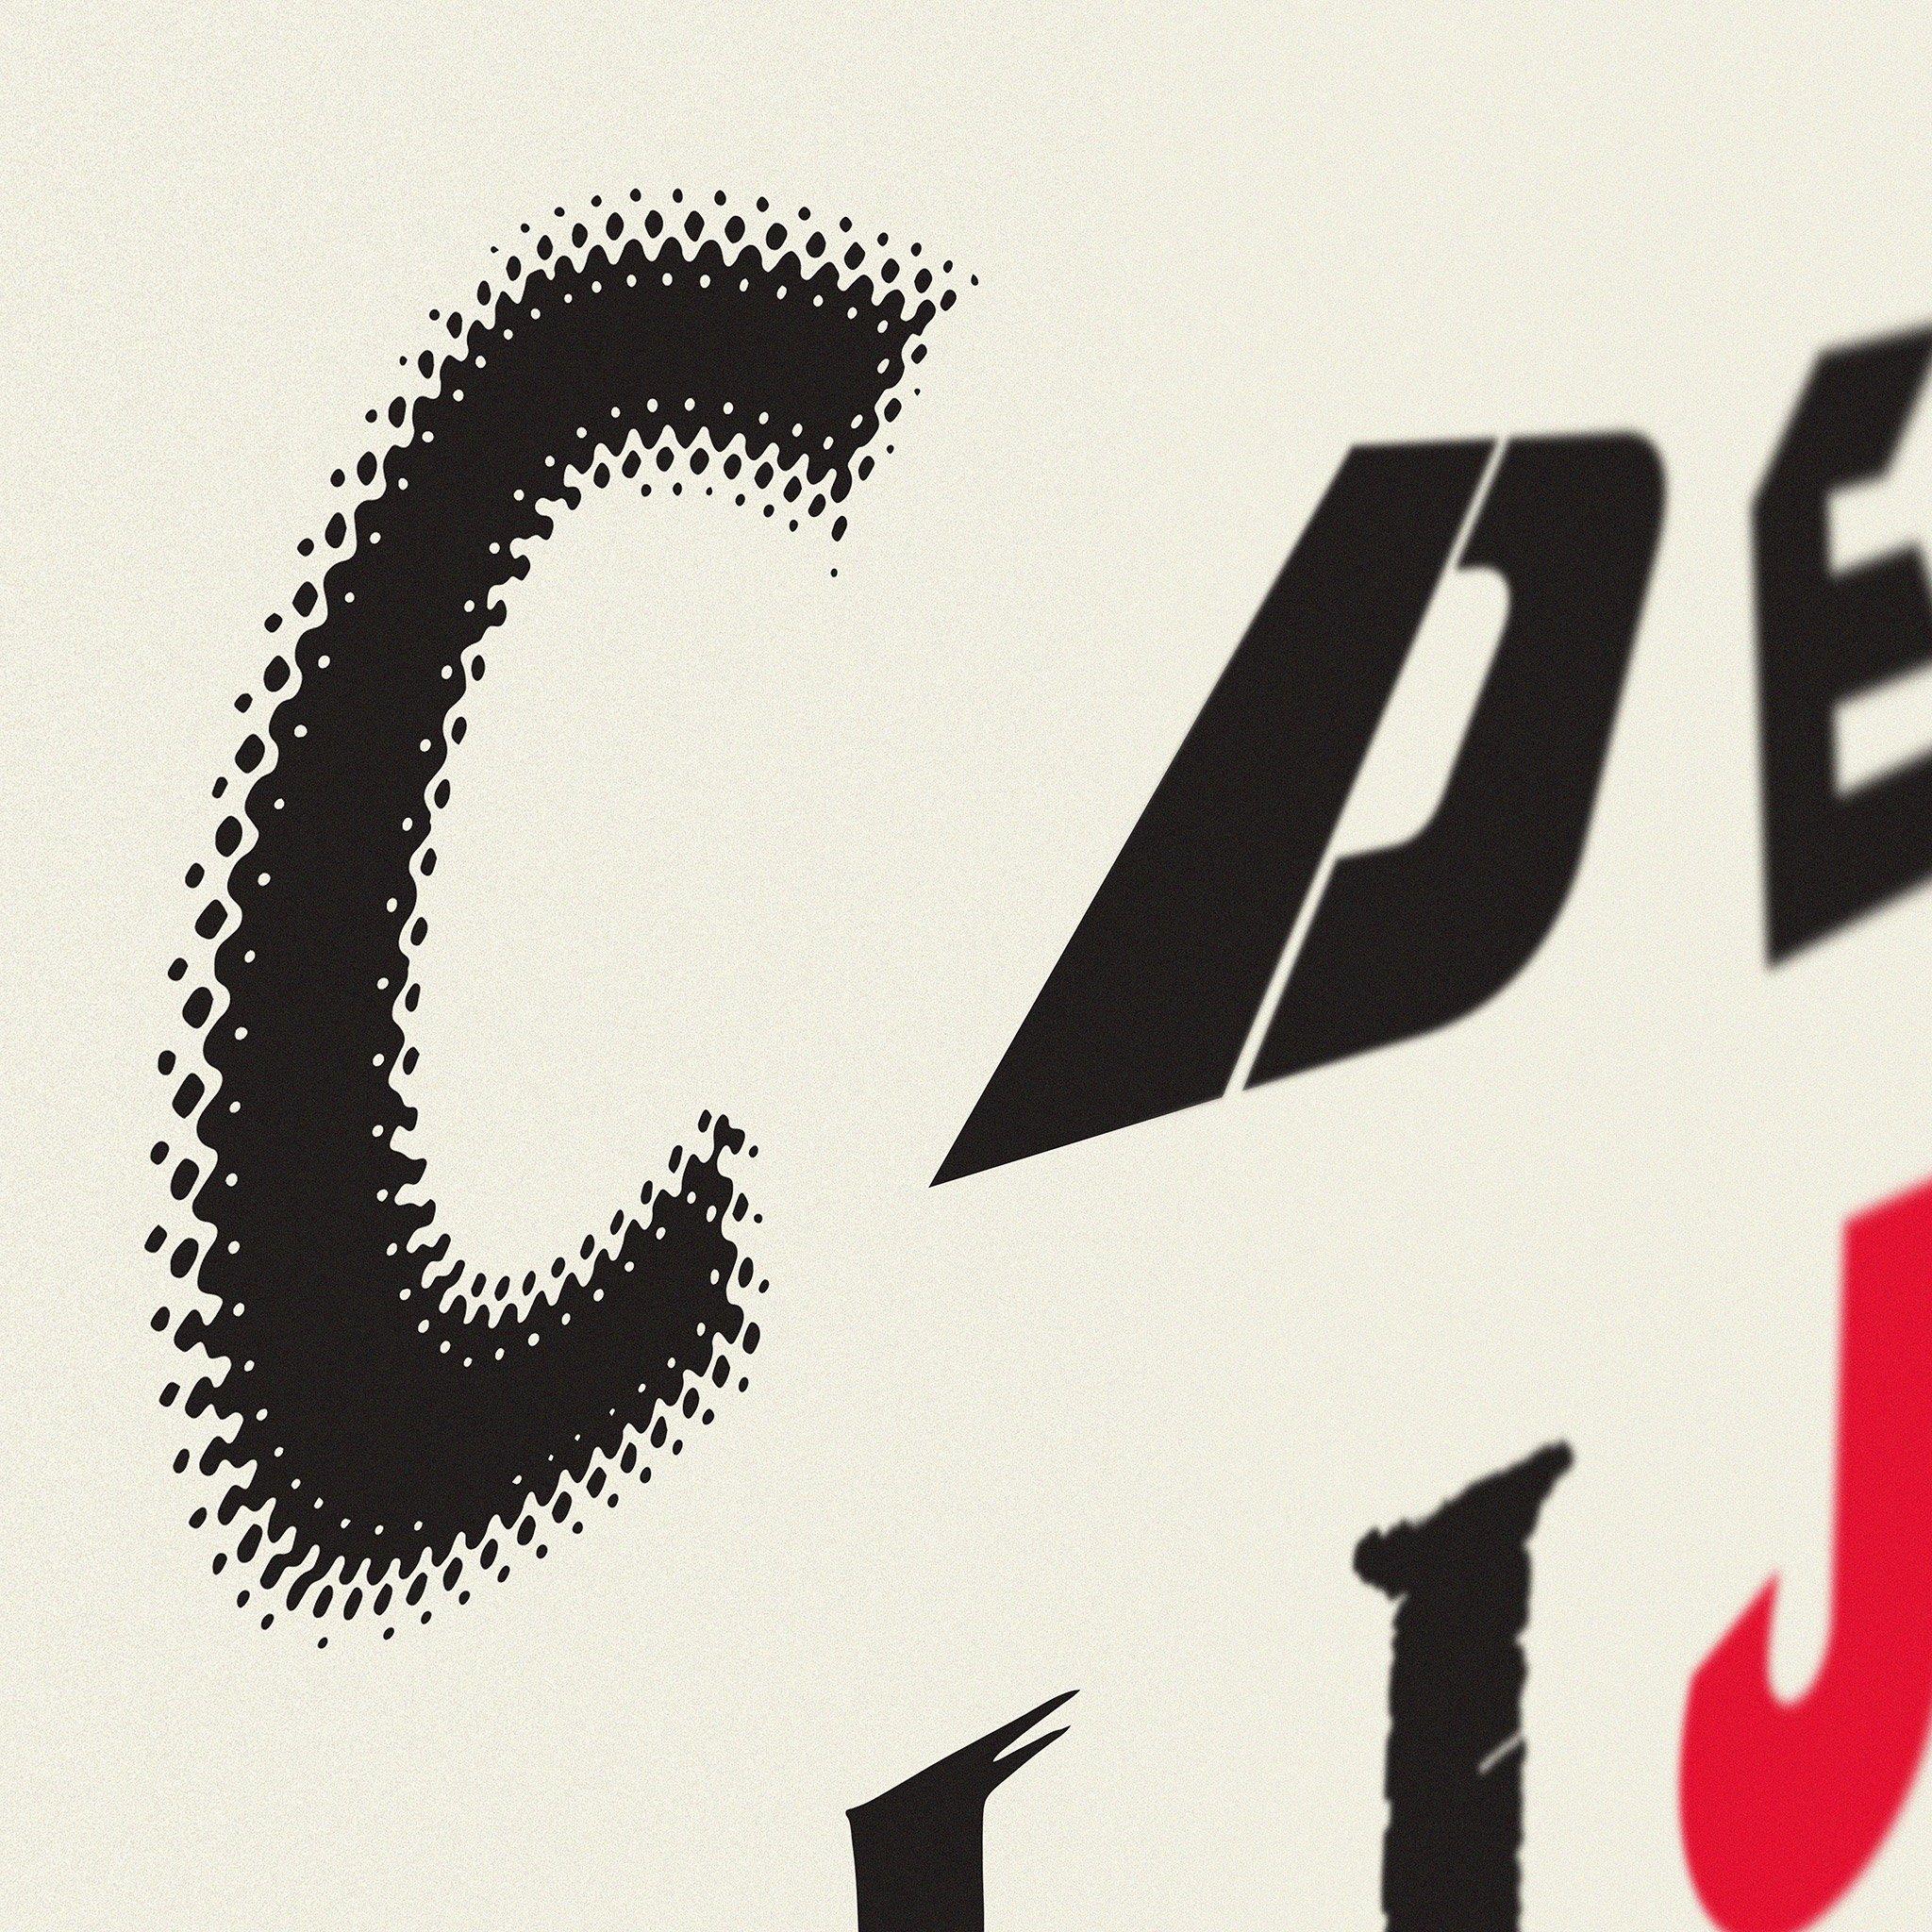 alphabet of horror films art print dorothy carrie